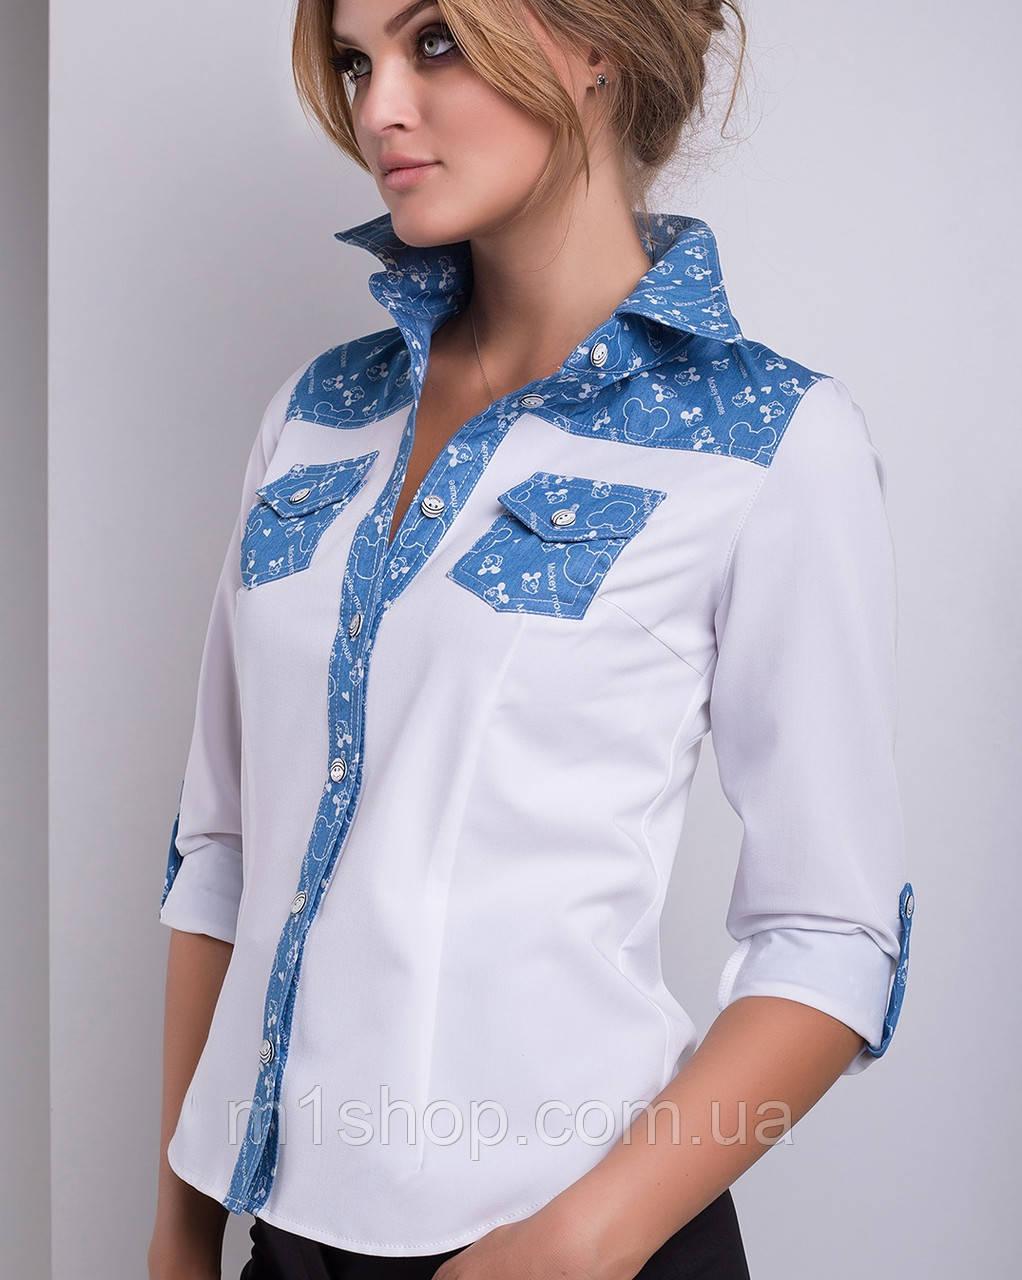 Комбинированная рубашка   Беллини lzn